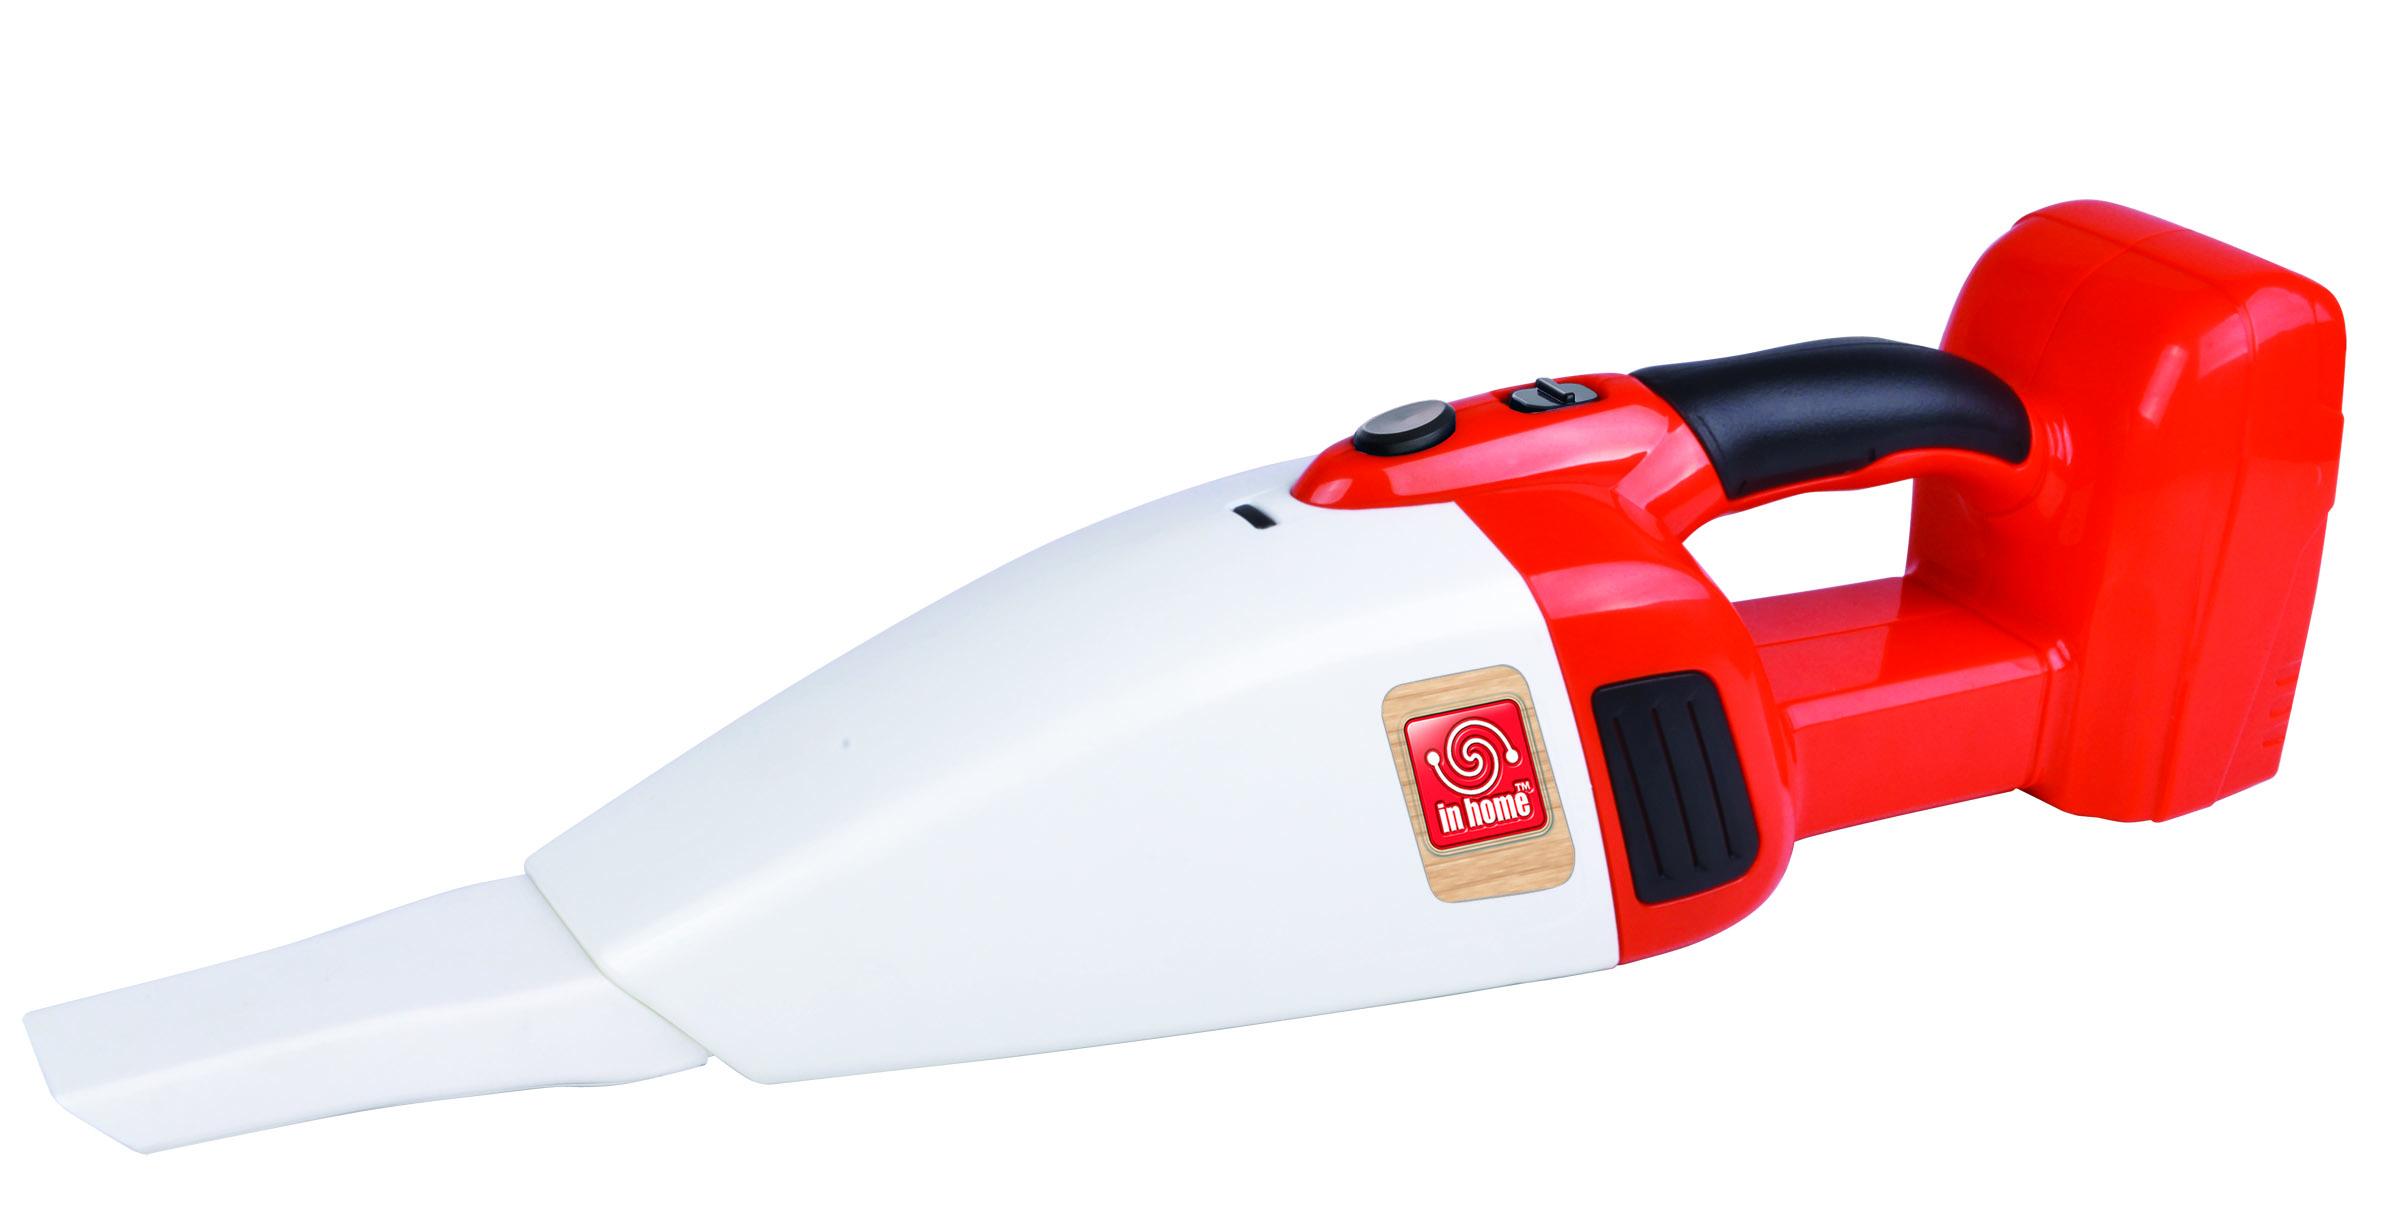 электронные игрушки red box фонарь 25247 Сюжетно-ролевые игрушки Red Box 21222 белый, красный